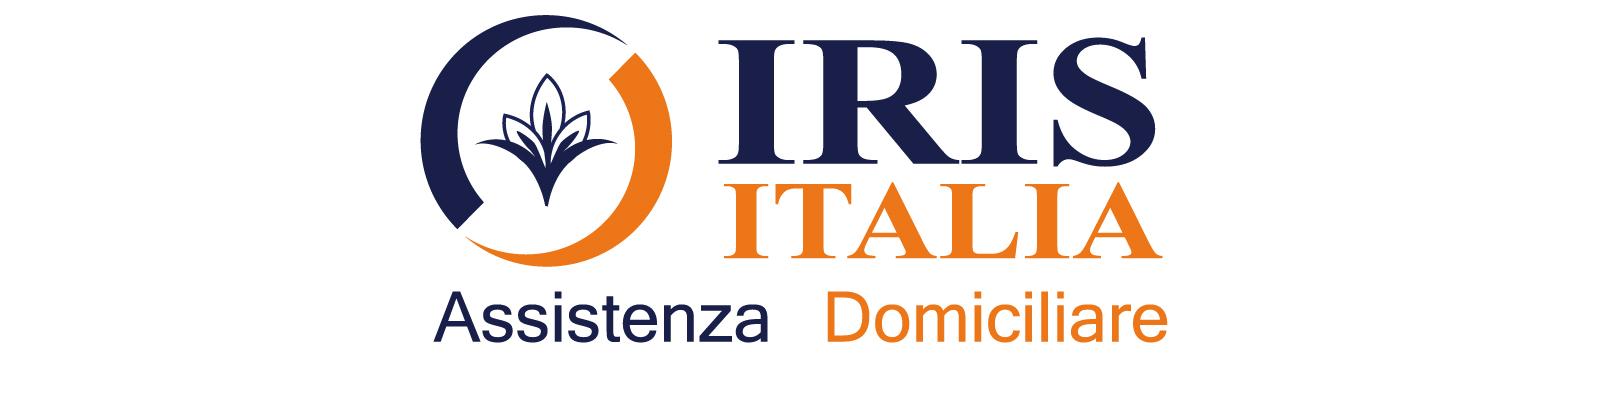 Assistenza Domiciliare Iris Italia